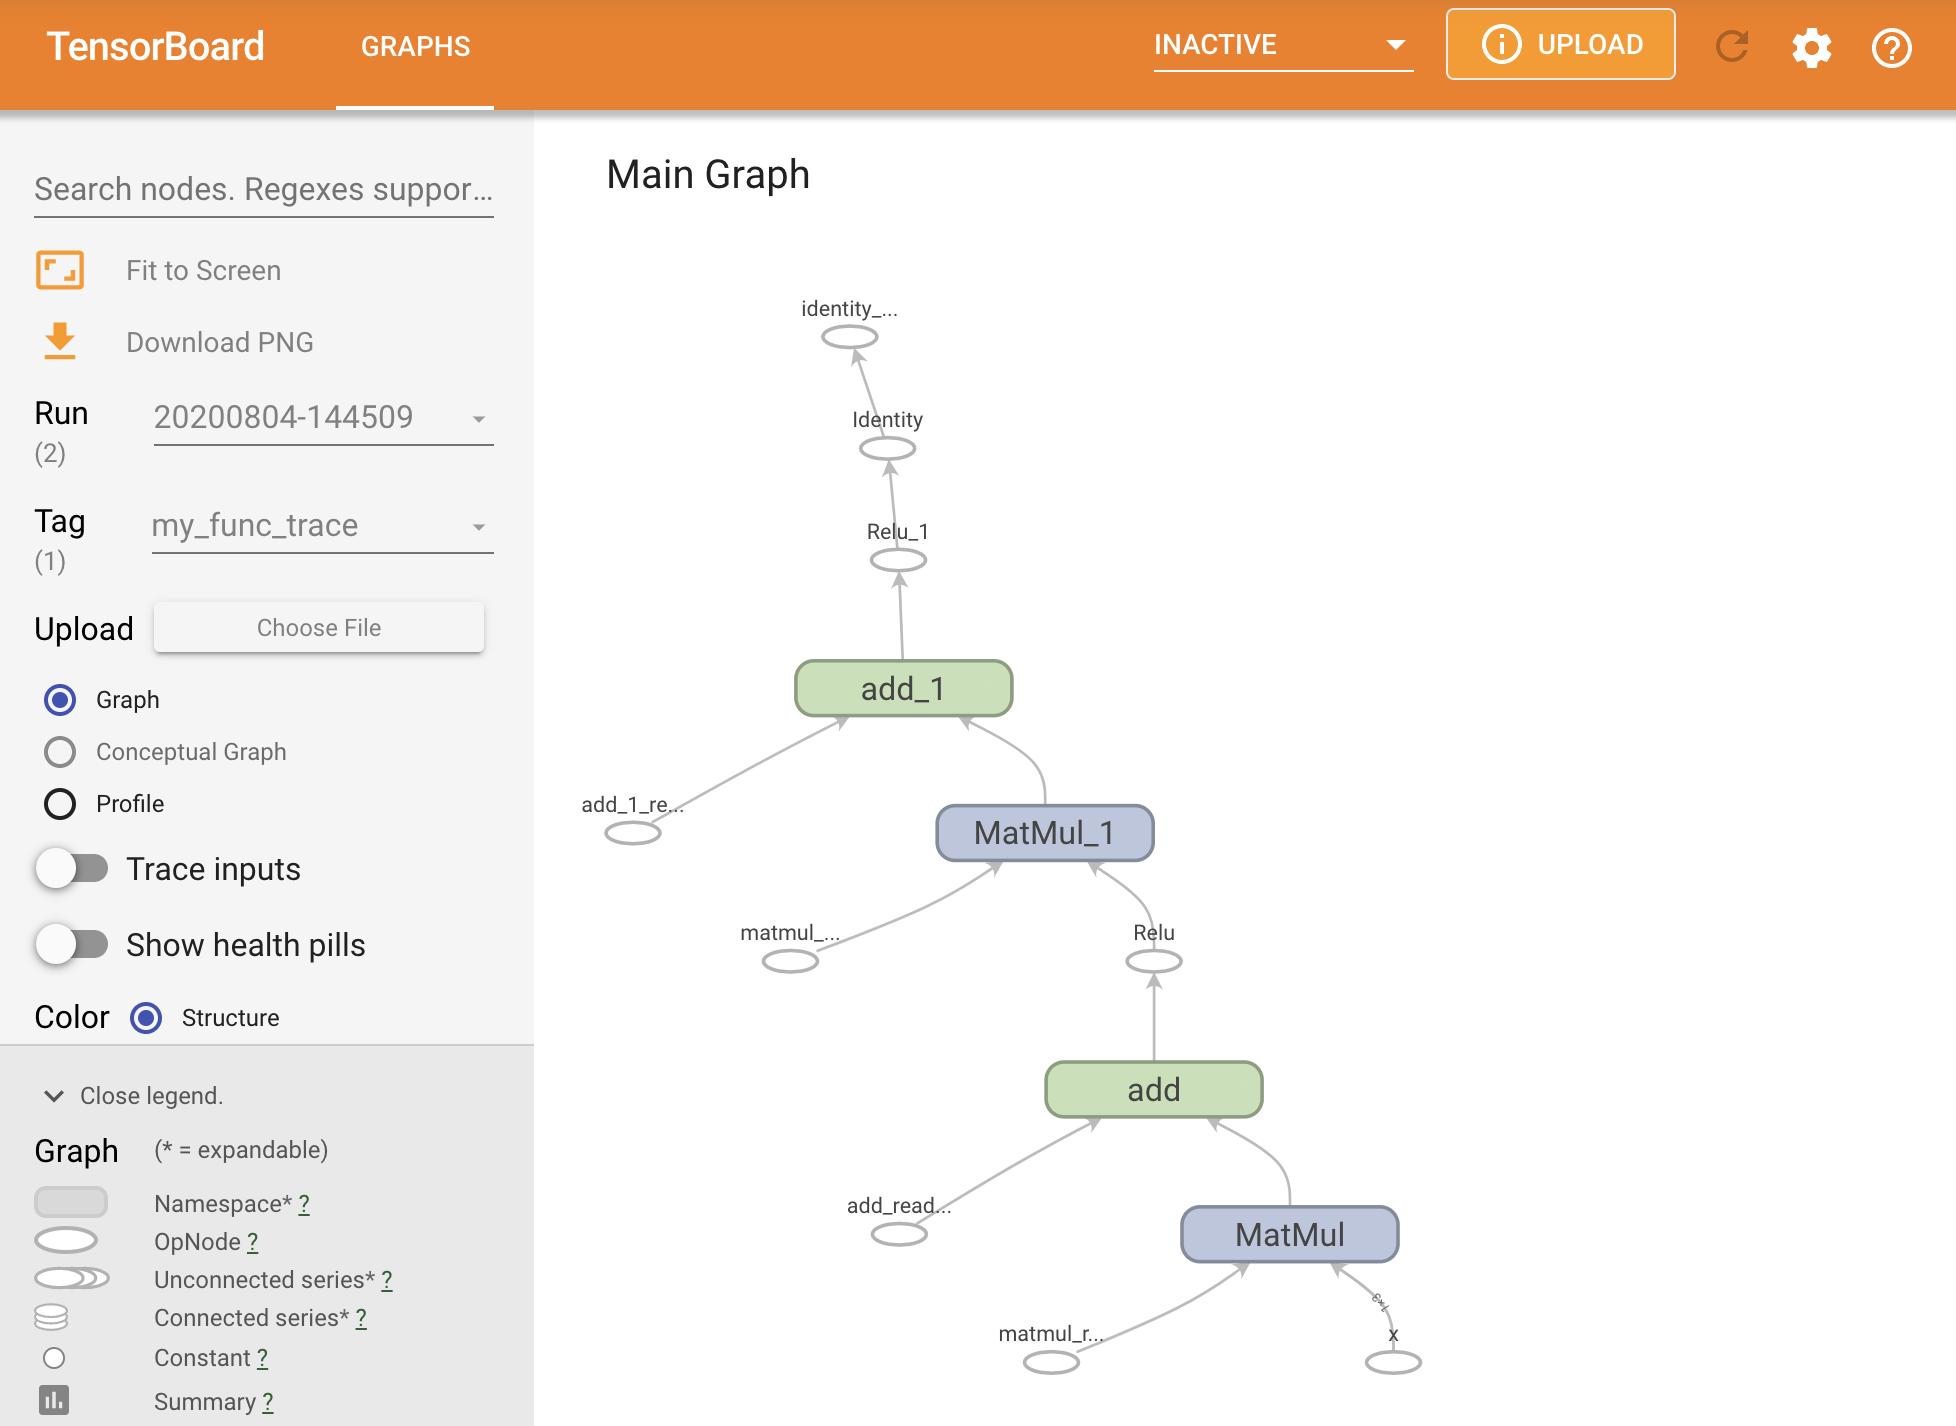 Una captura de pantalla del gráfico en TensorBoard